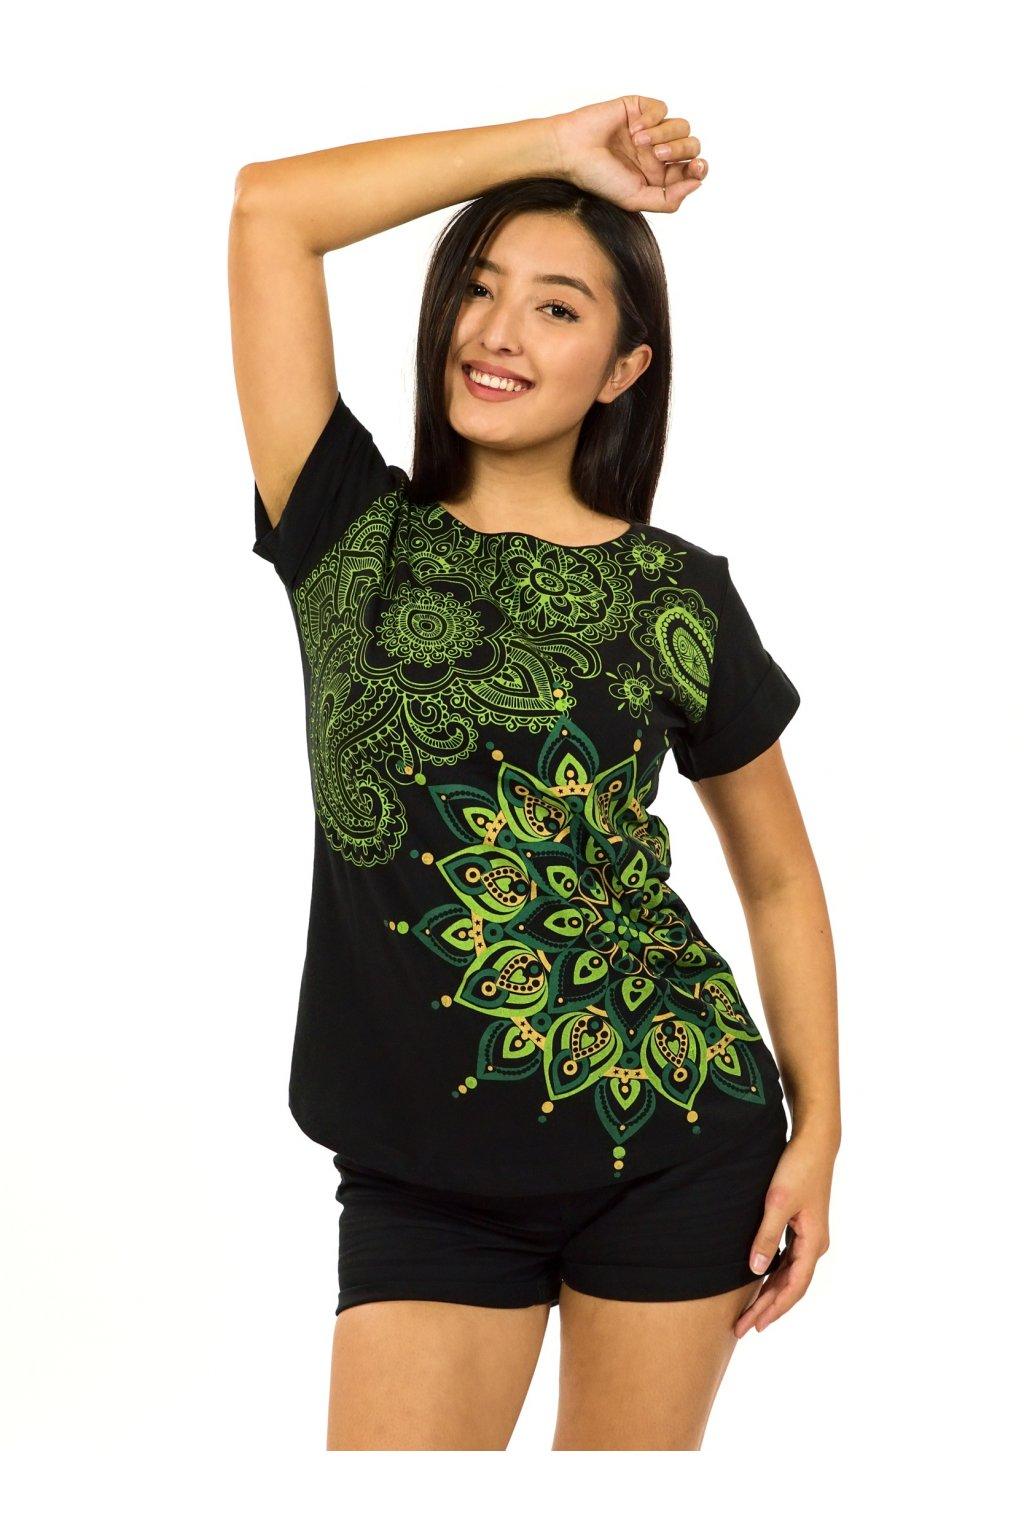 Tričko s krátkým rukávem Zafira - černá se zelenou